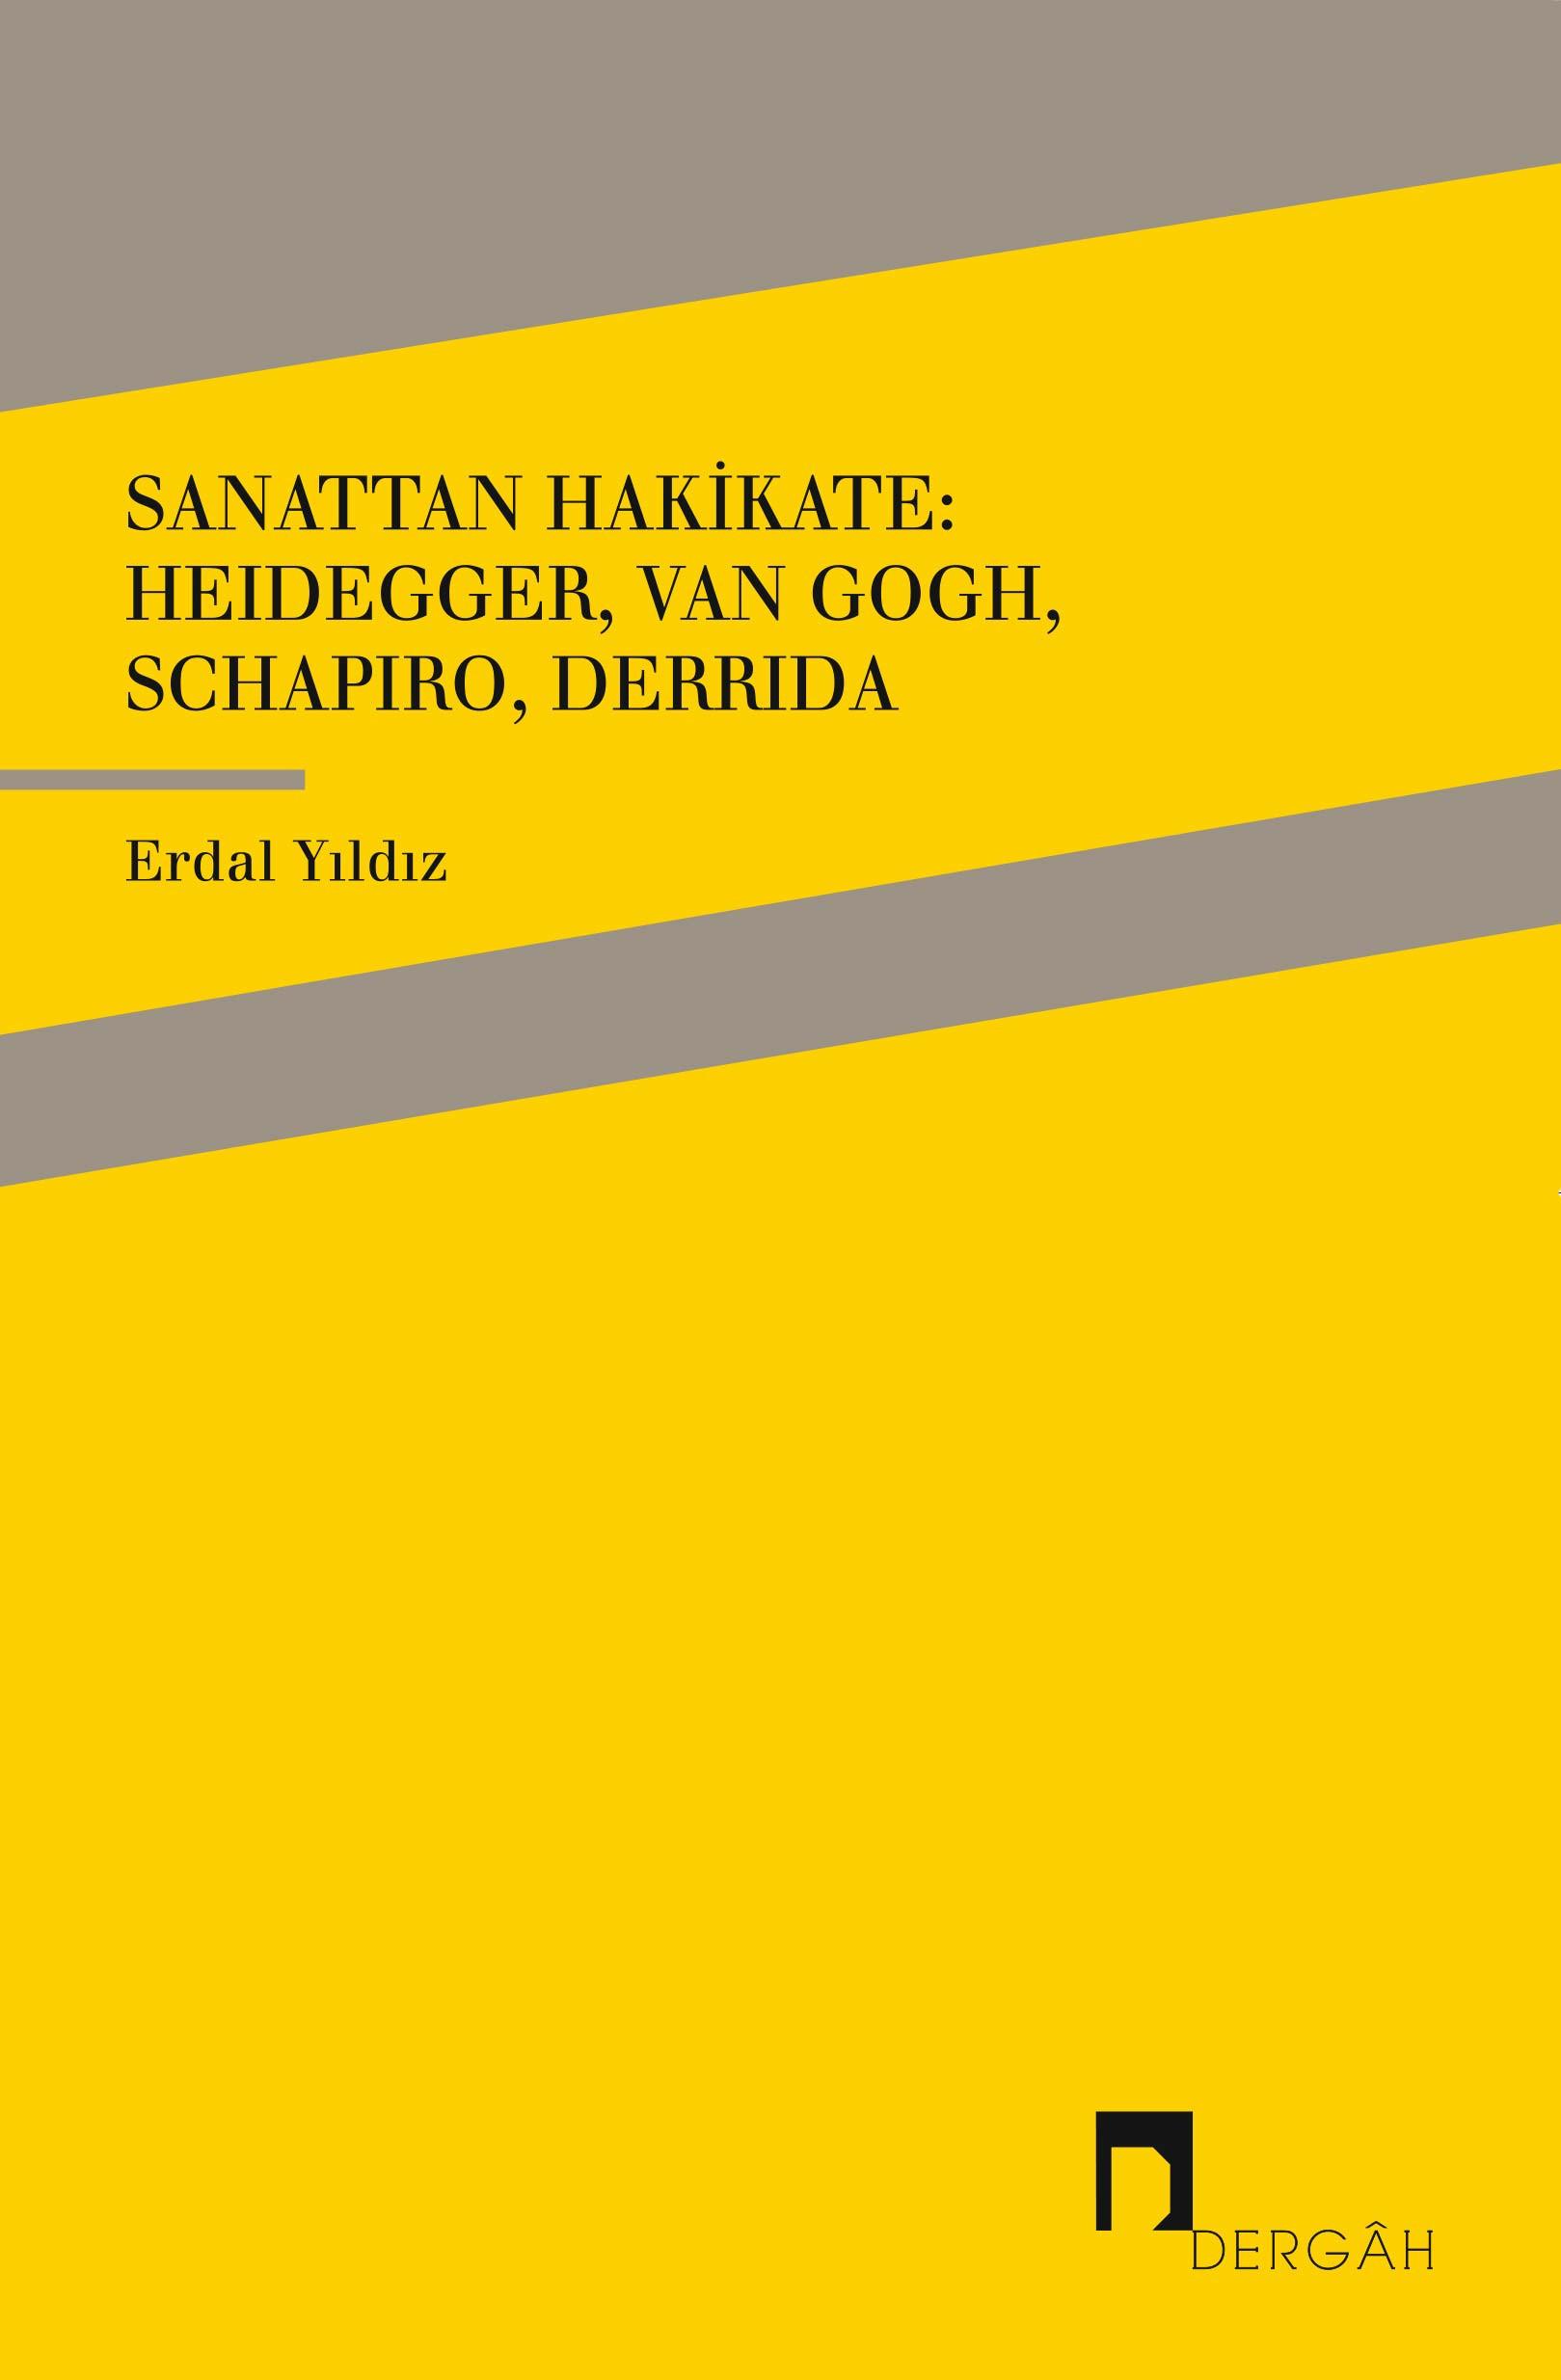 Sanattan Hakikate: Van Gogh, Heidegger, Schapiro, Derrida